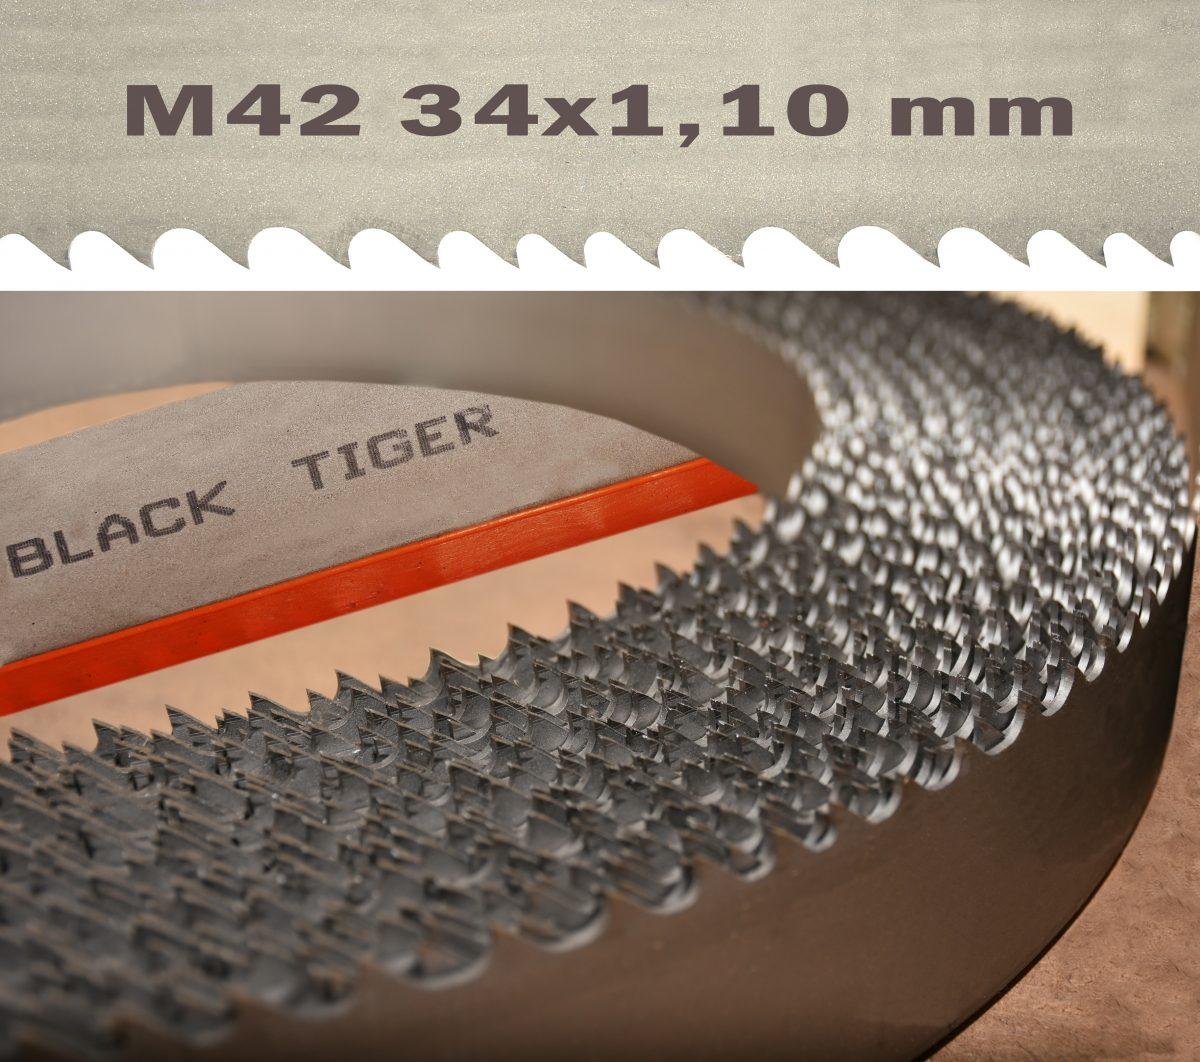 BLACK TIGER Bi Metal Multicut M42 34x1,10